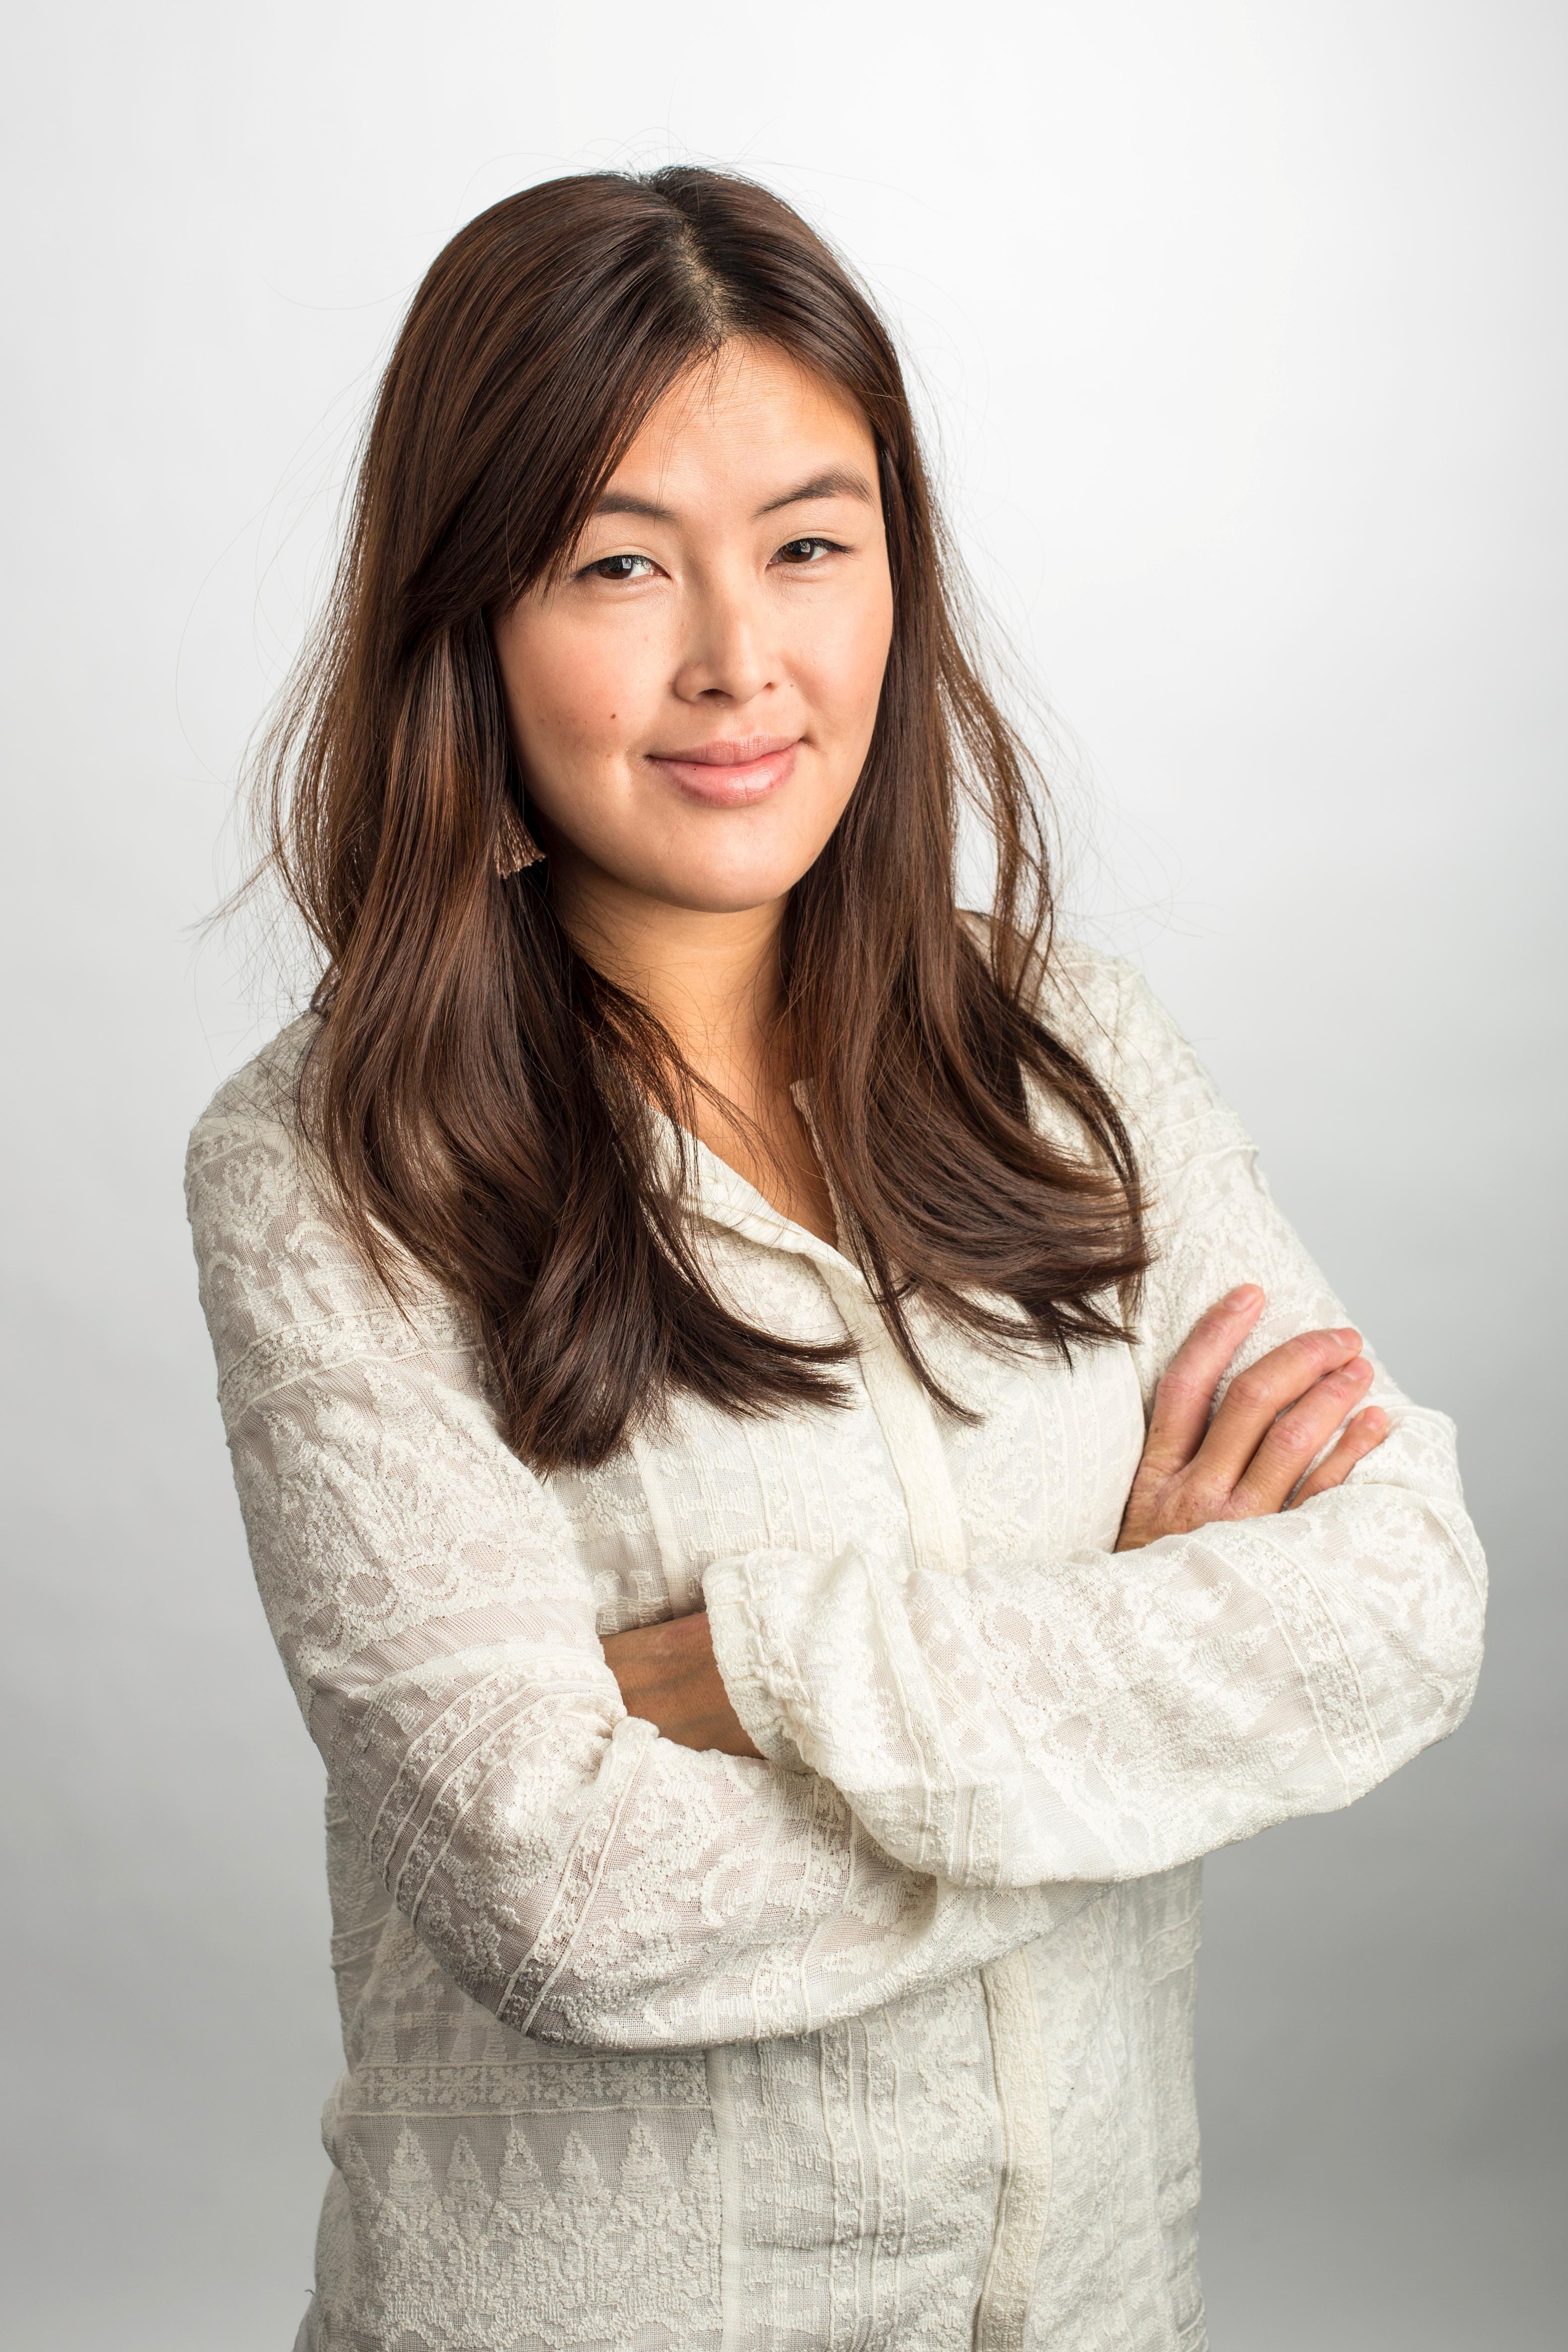 Godt.no-journalist Natalie Ngo er blant dem som har fått e-posten.